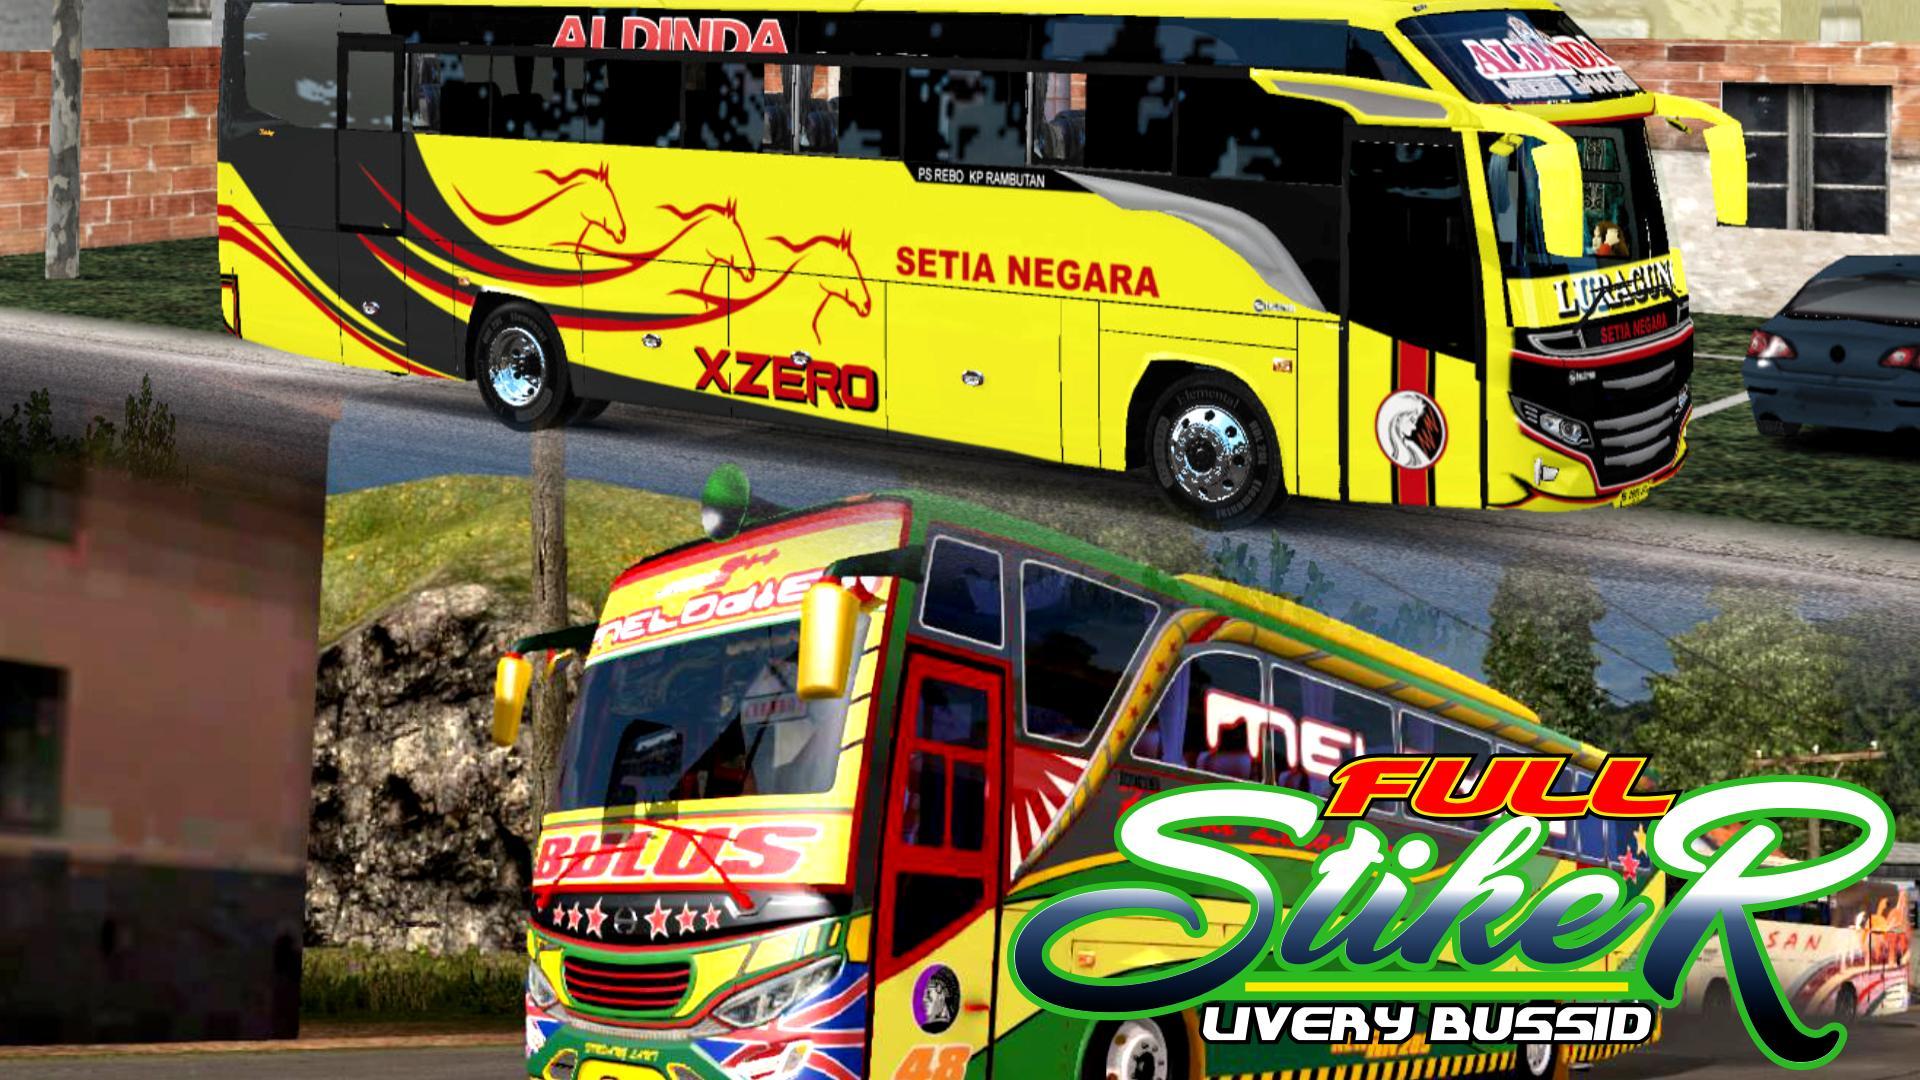 Kerala Tourist Bus Livery Pubg - Ogmetro com